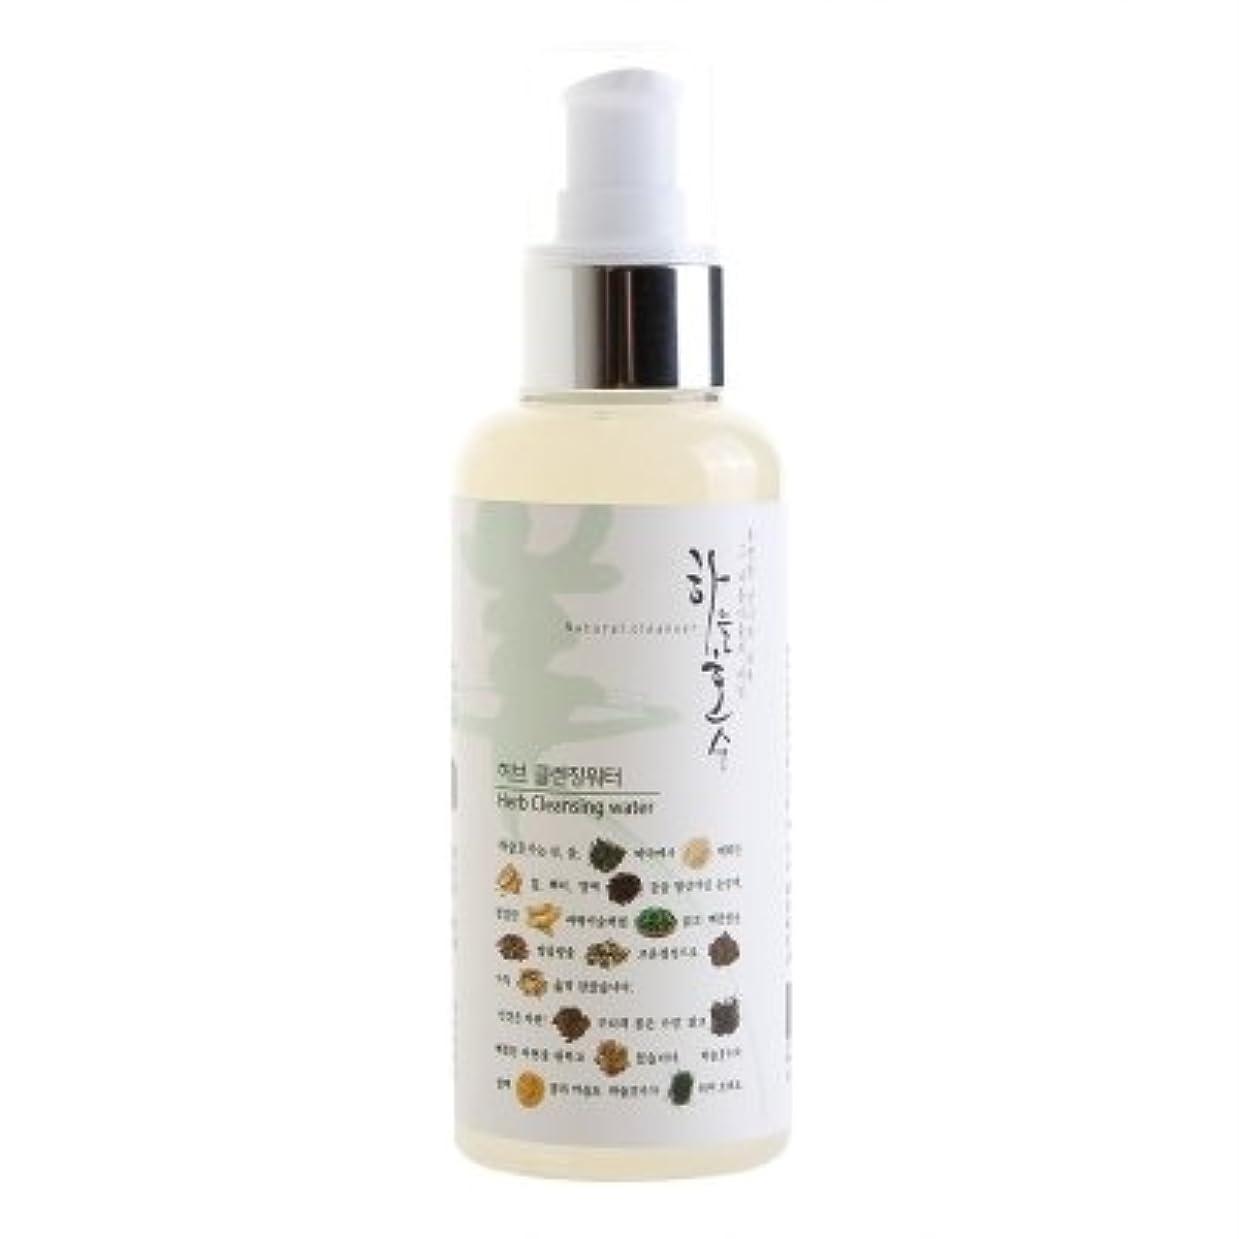 報酬アナニバー辞書[ハヌルホス] Skylake [ハーブクレンジングウォーター (150ml)] (Herb Cleansing Water (150ml)) [並行輸入品]